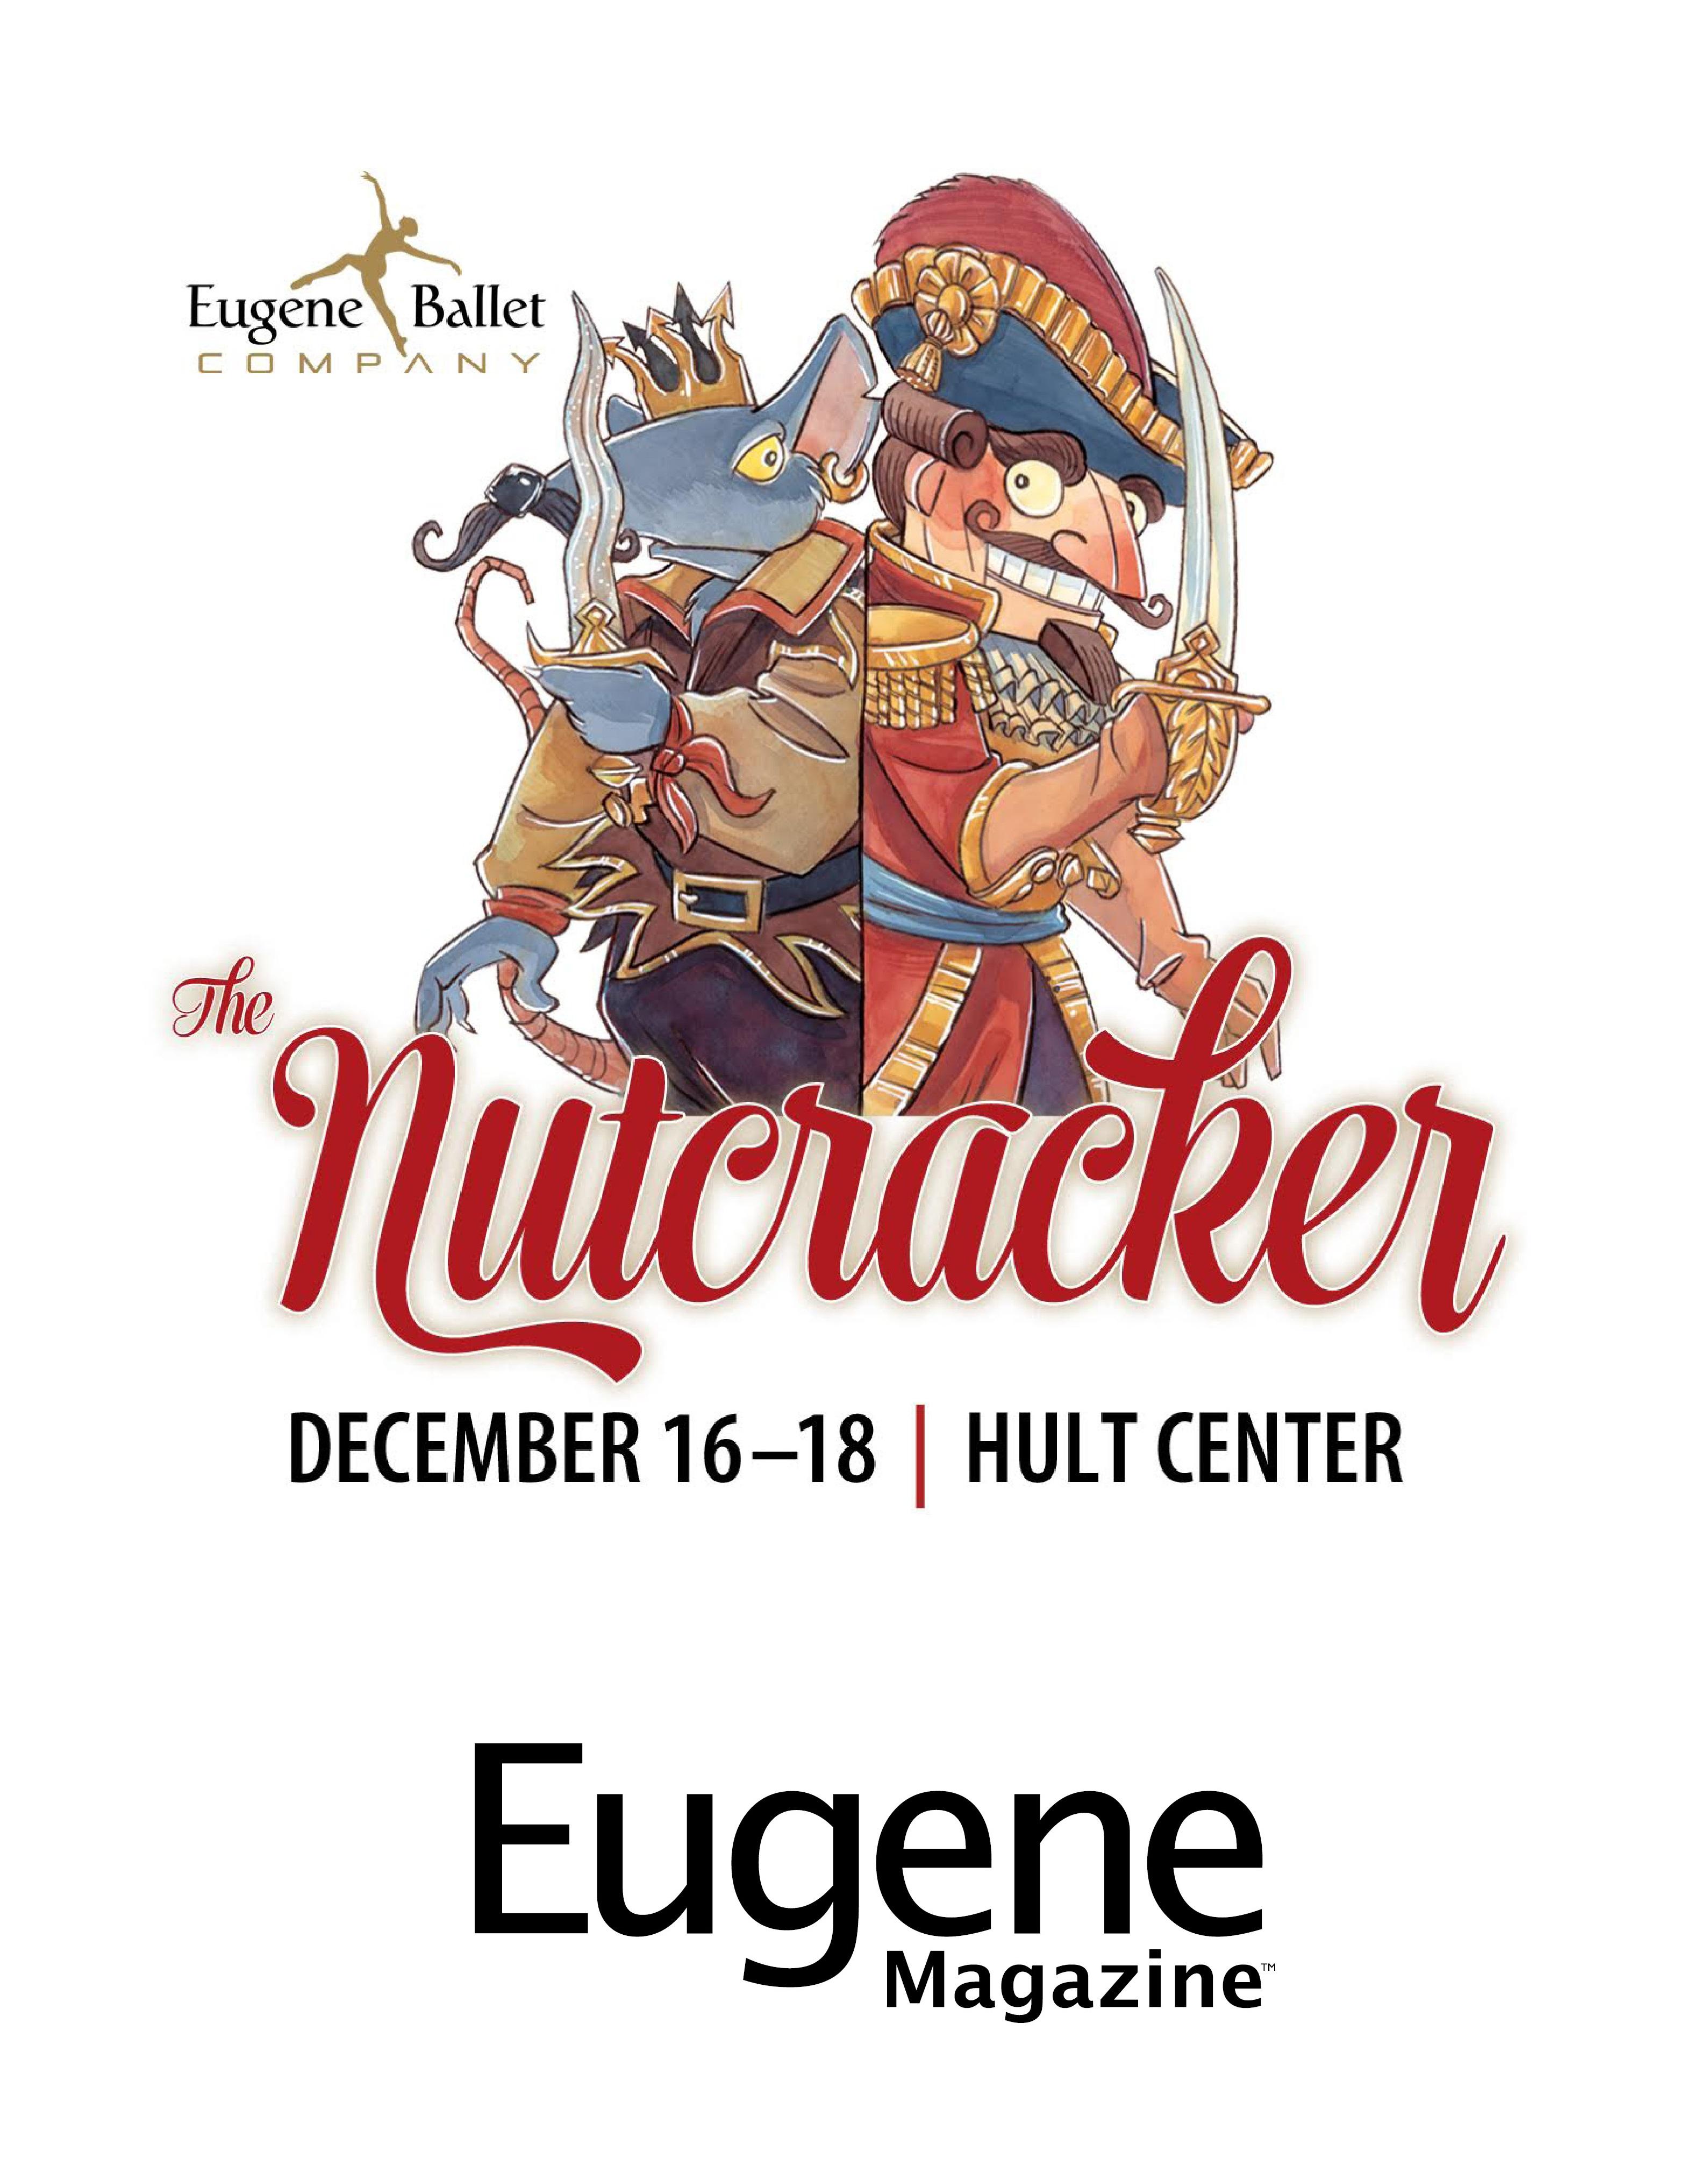 nutcracker-and-eug-mag-logos